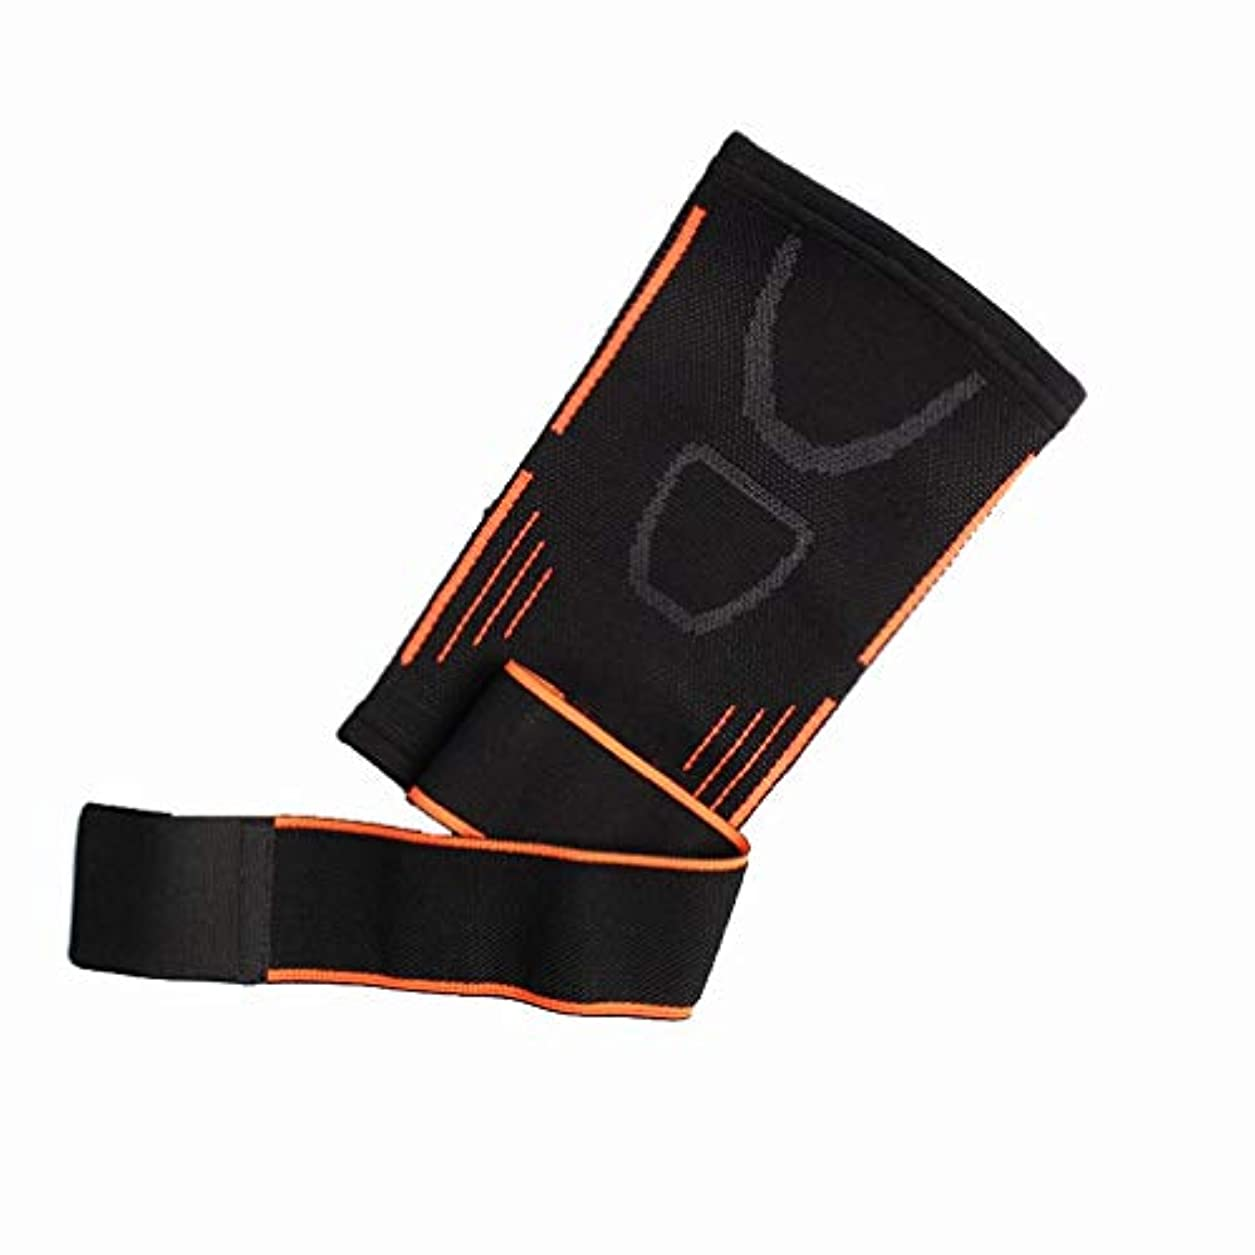 アーティストシティ届ける屋外スポーツ圧縮肘ニット肘テニス肘サポート肘ガード-Rustle666